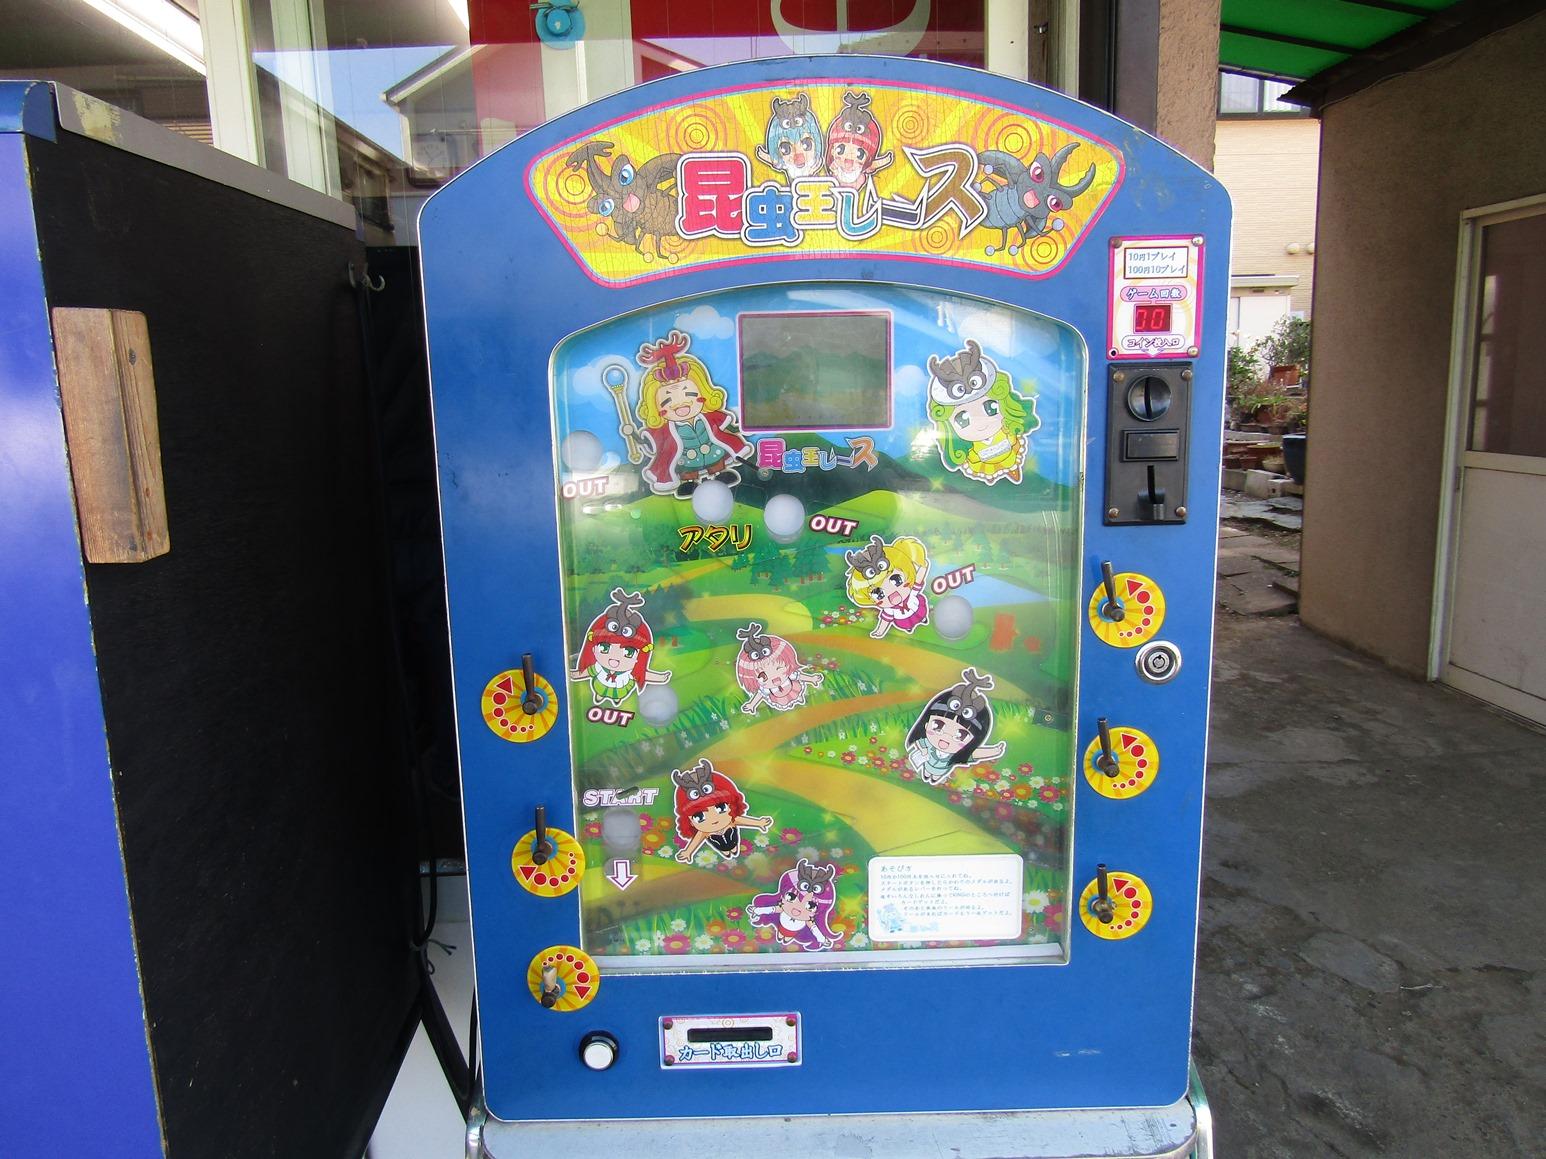 硬貨を入れて遊ぶ青い昔のゲーム